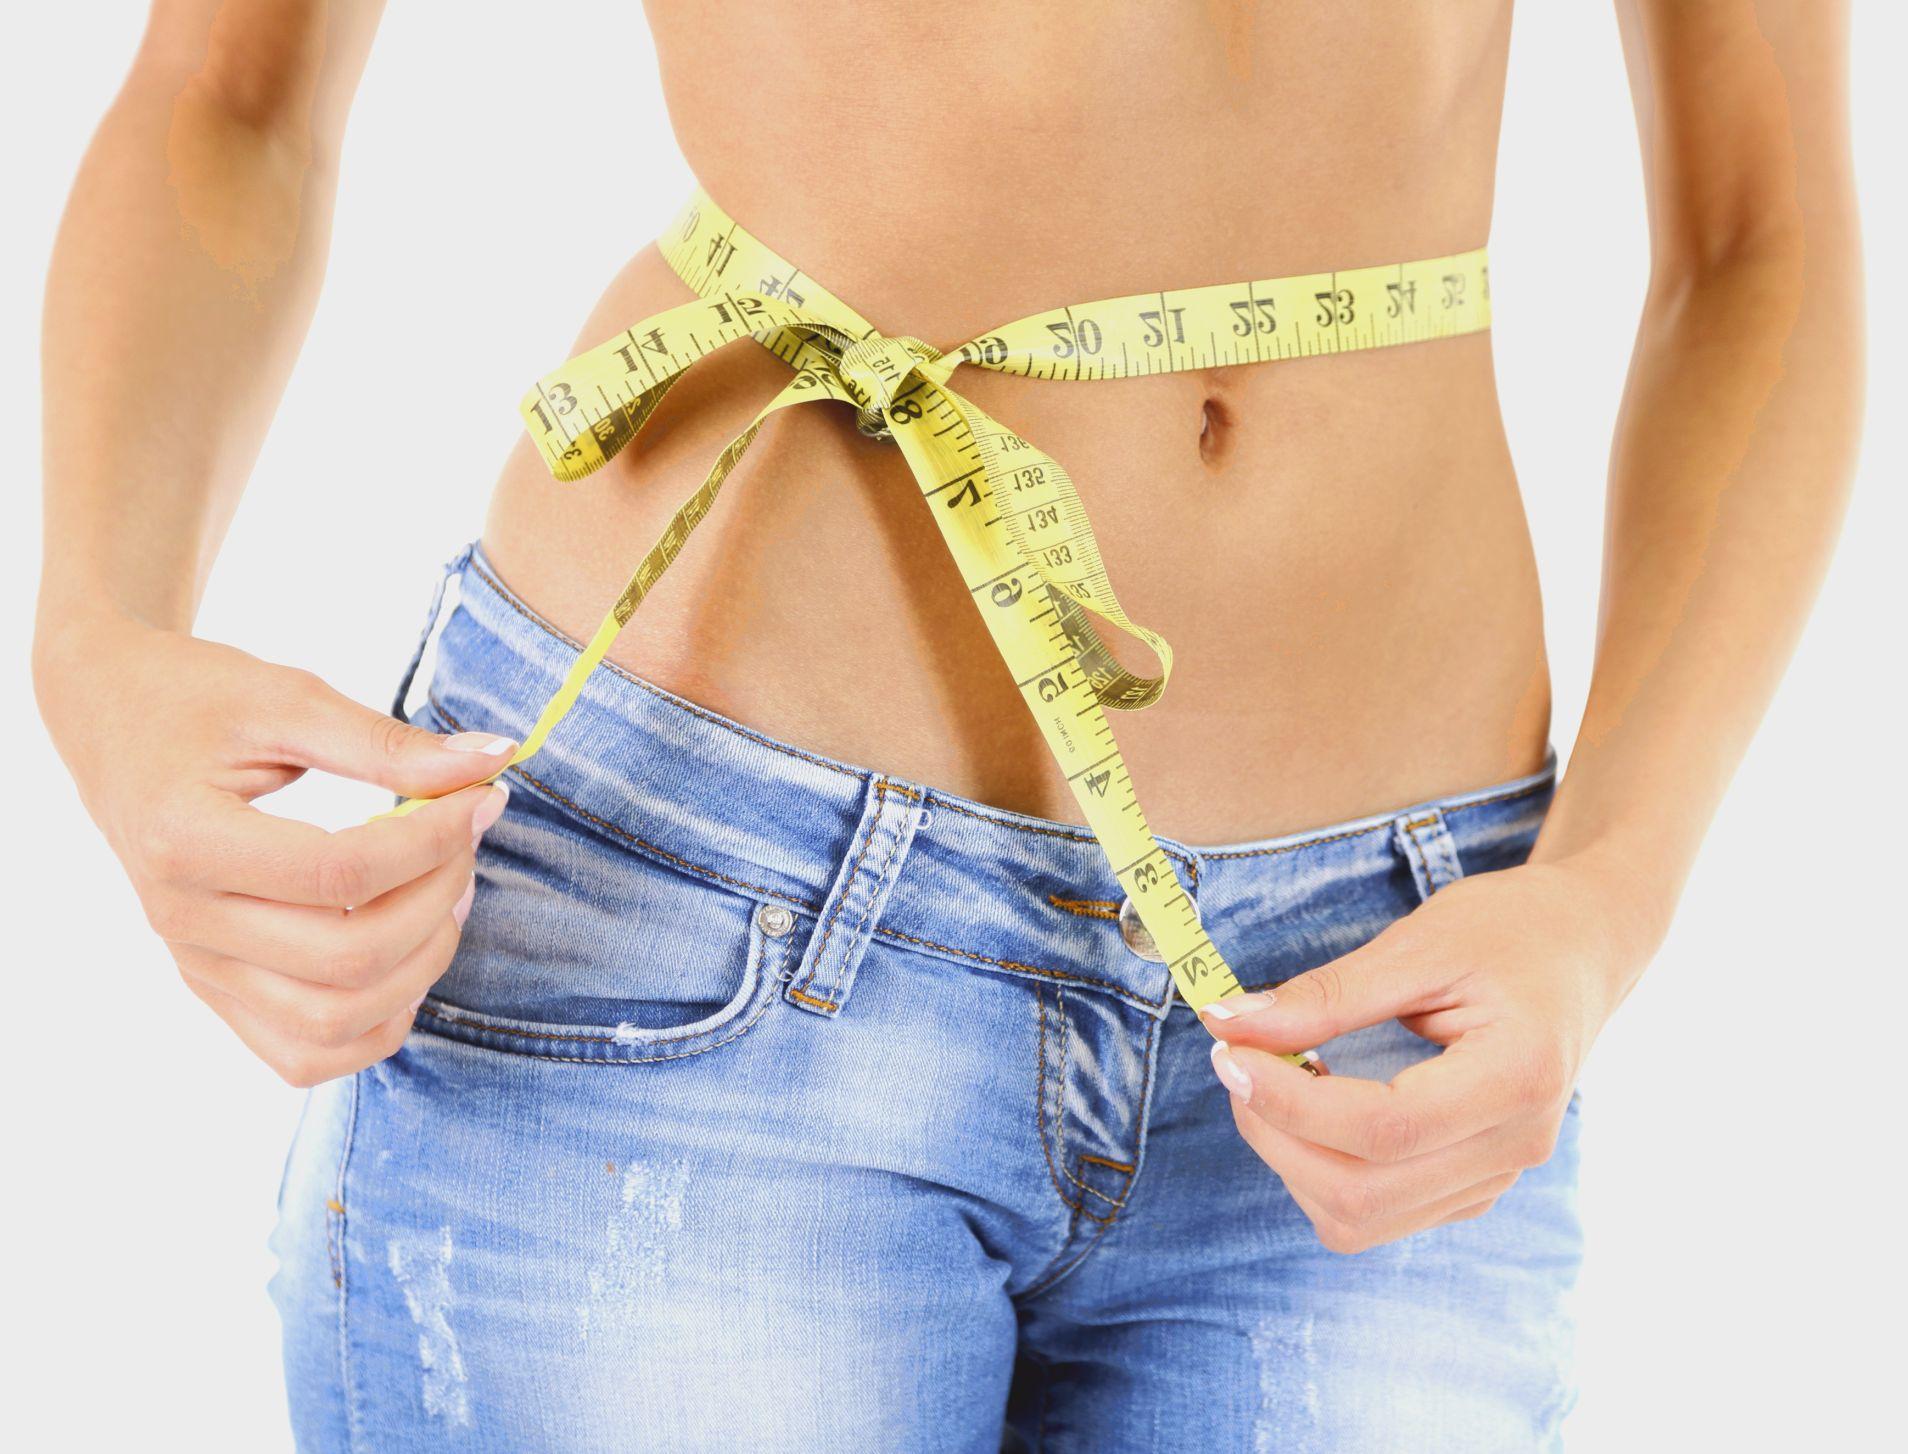 Как вернуть стройность, почувствовать себя вновь красивой, желанной и неотразимой? Попробуйте сделать три шага к стройности, которые навсегда избавят вас от избыточного веса и подарят совершенно новые ощущения.